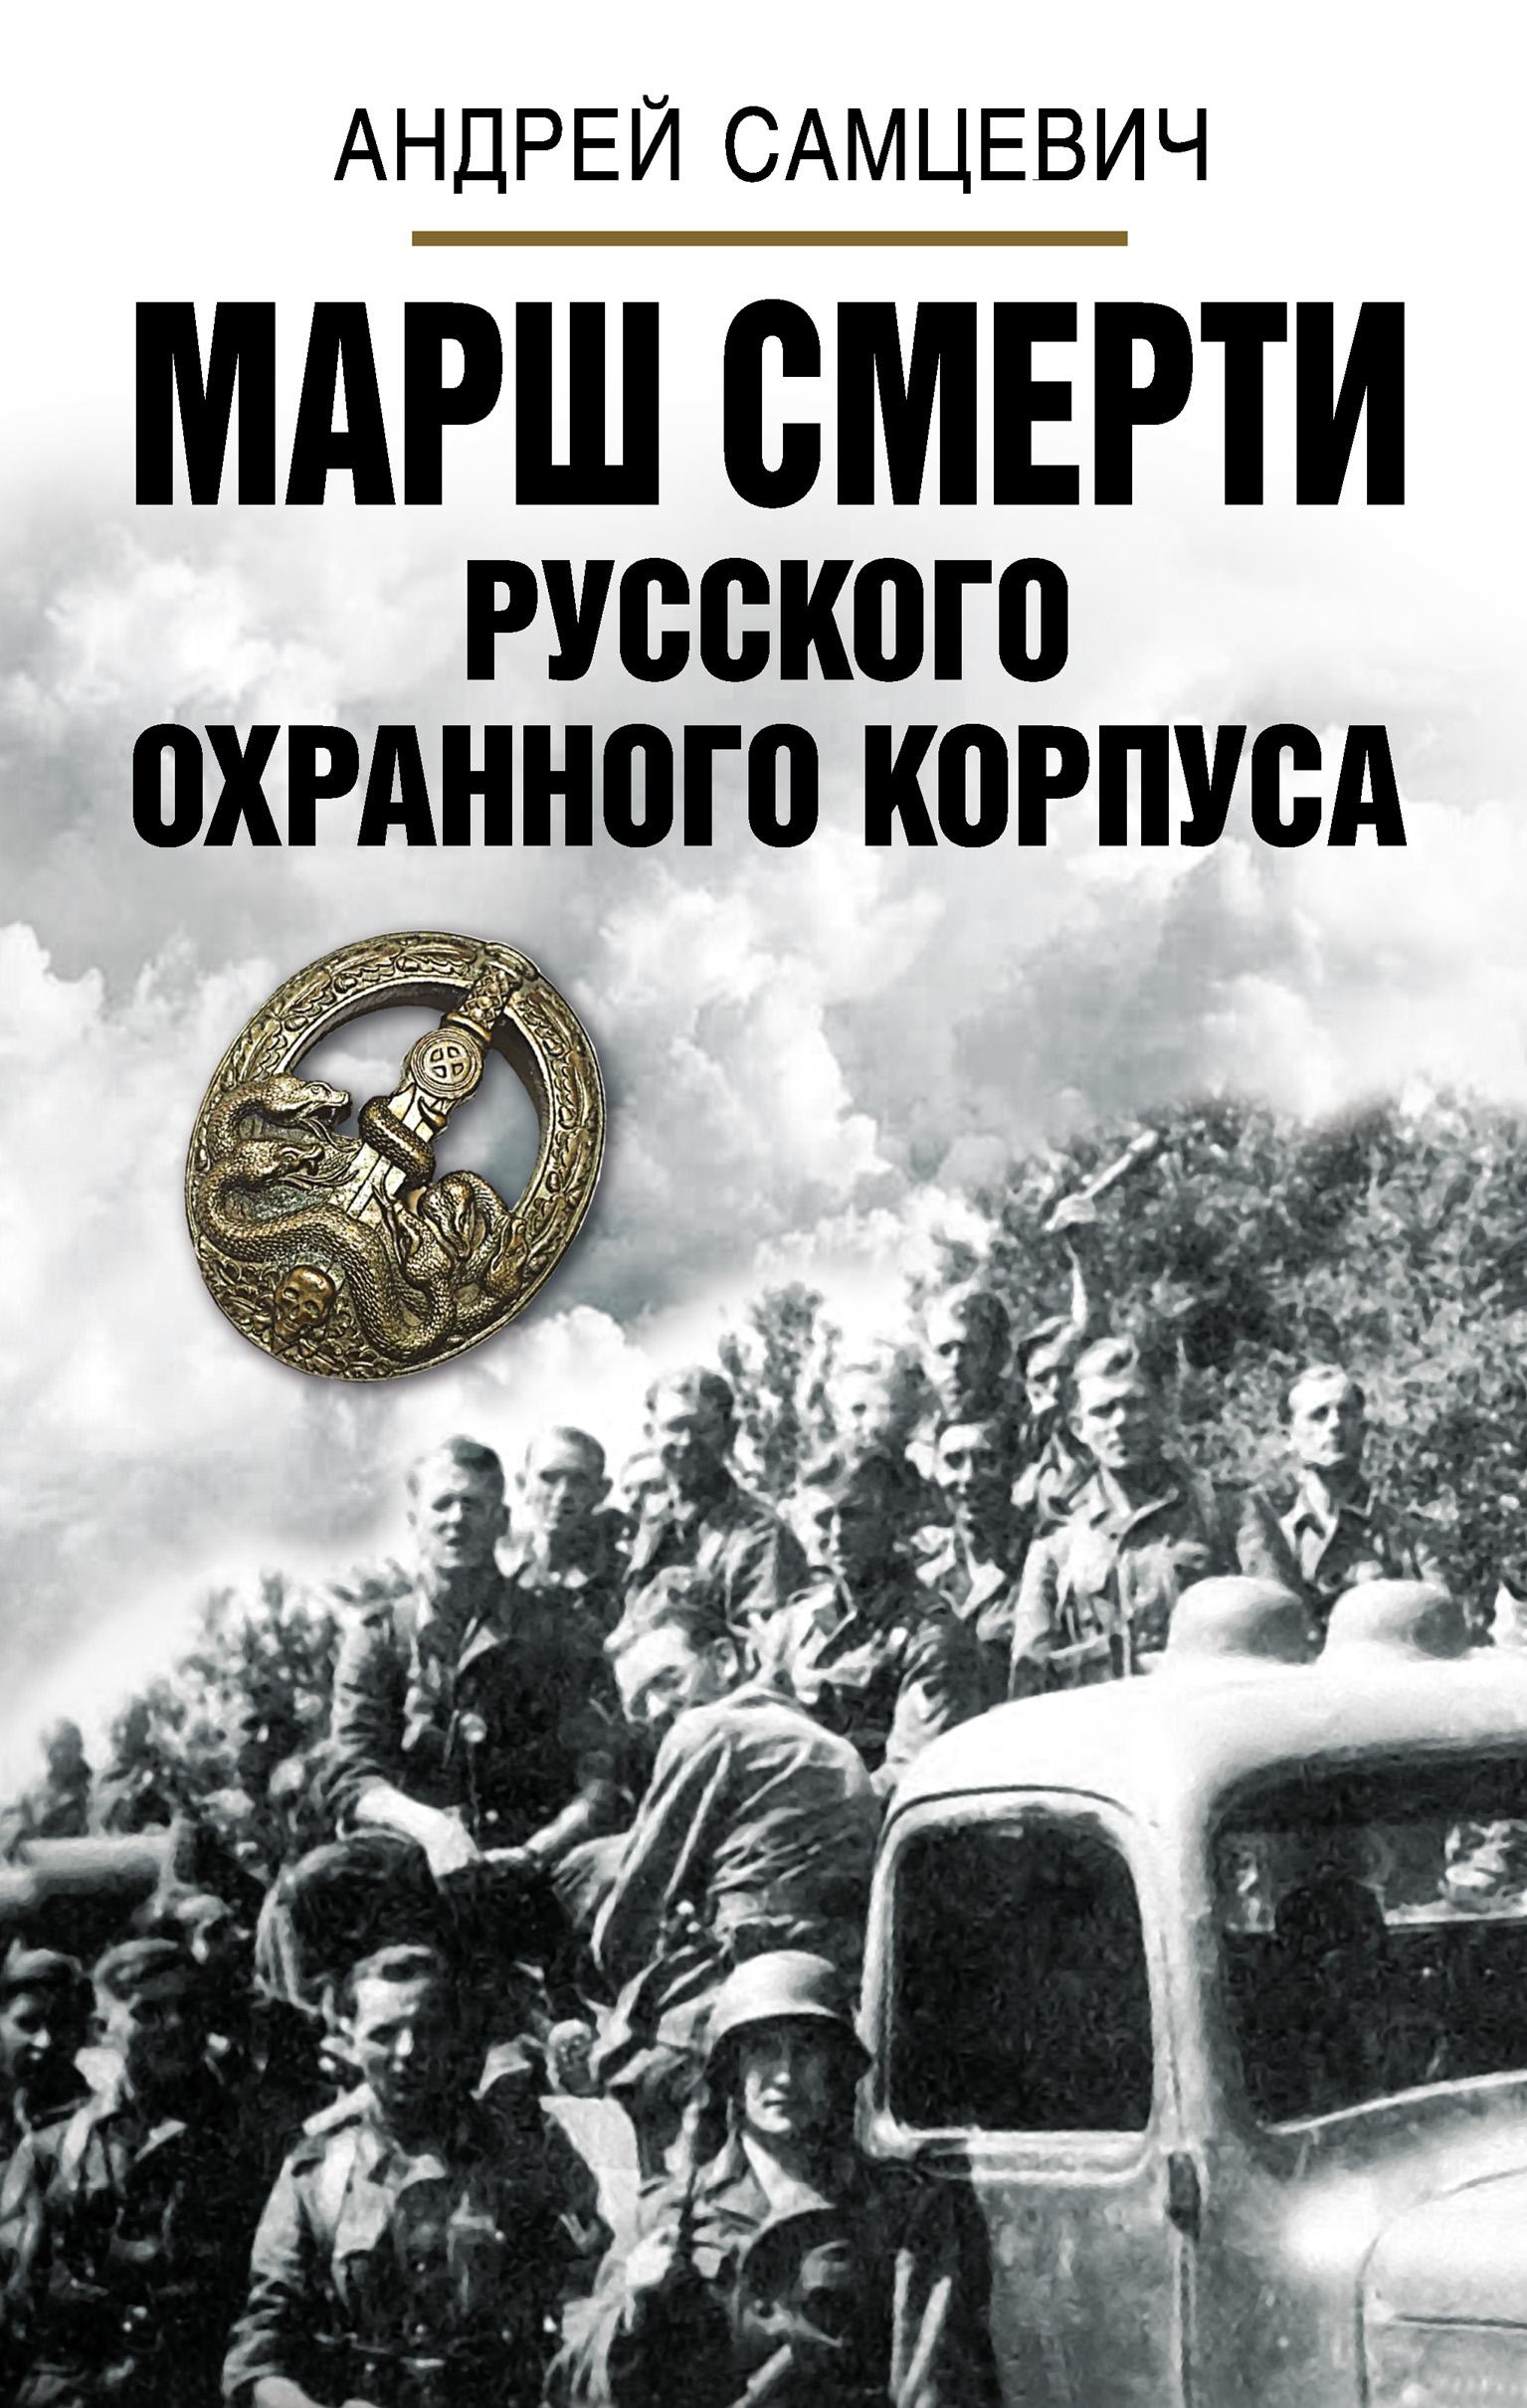 Марш Смерти Русского охранного корпуса